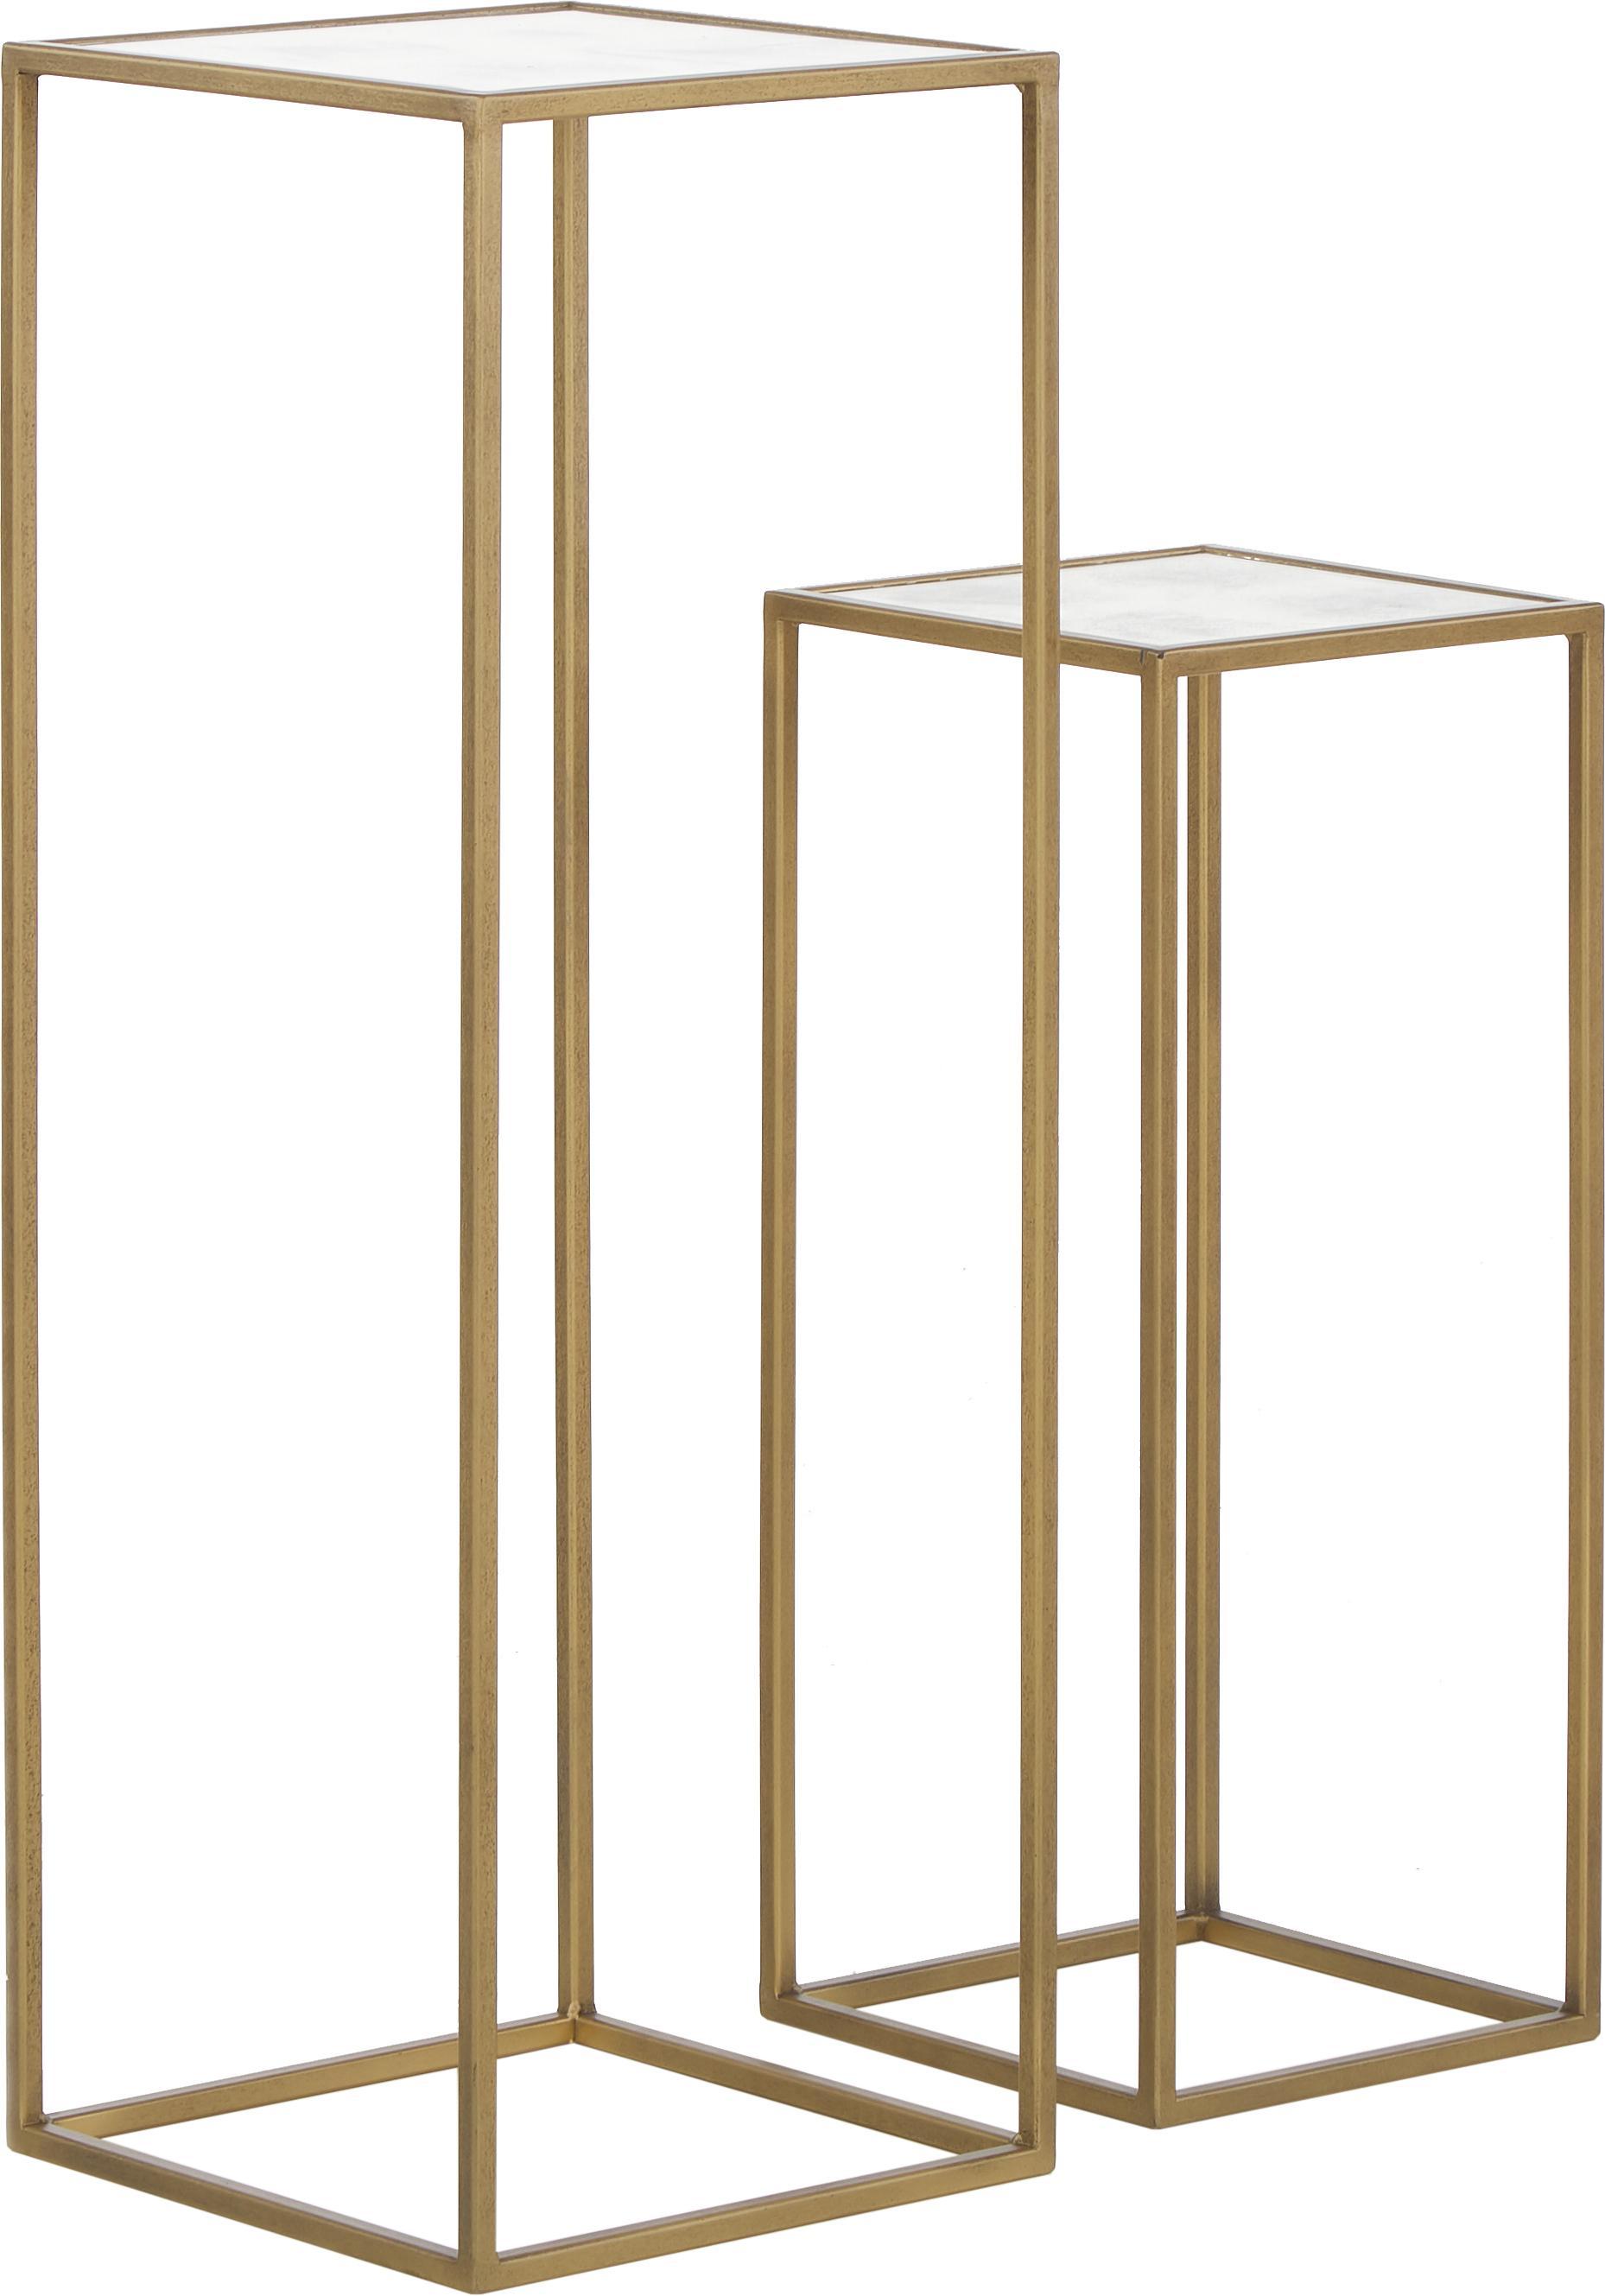 Bijzettafelset Honey, 2-delig, Frame: gelakt metaal, Tafelblad: mat spiegelglas, Messingkleurig, Set met verschillende formaten